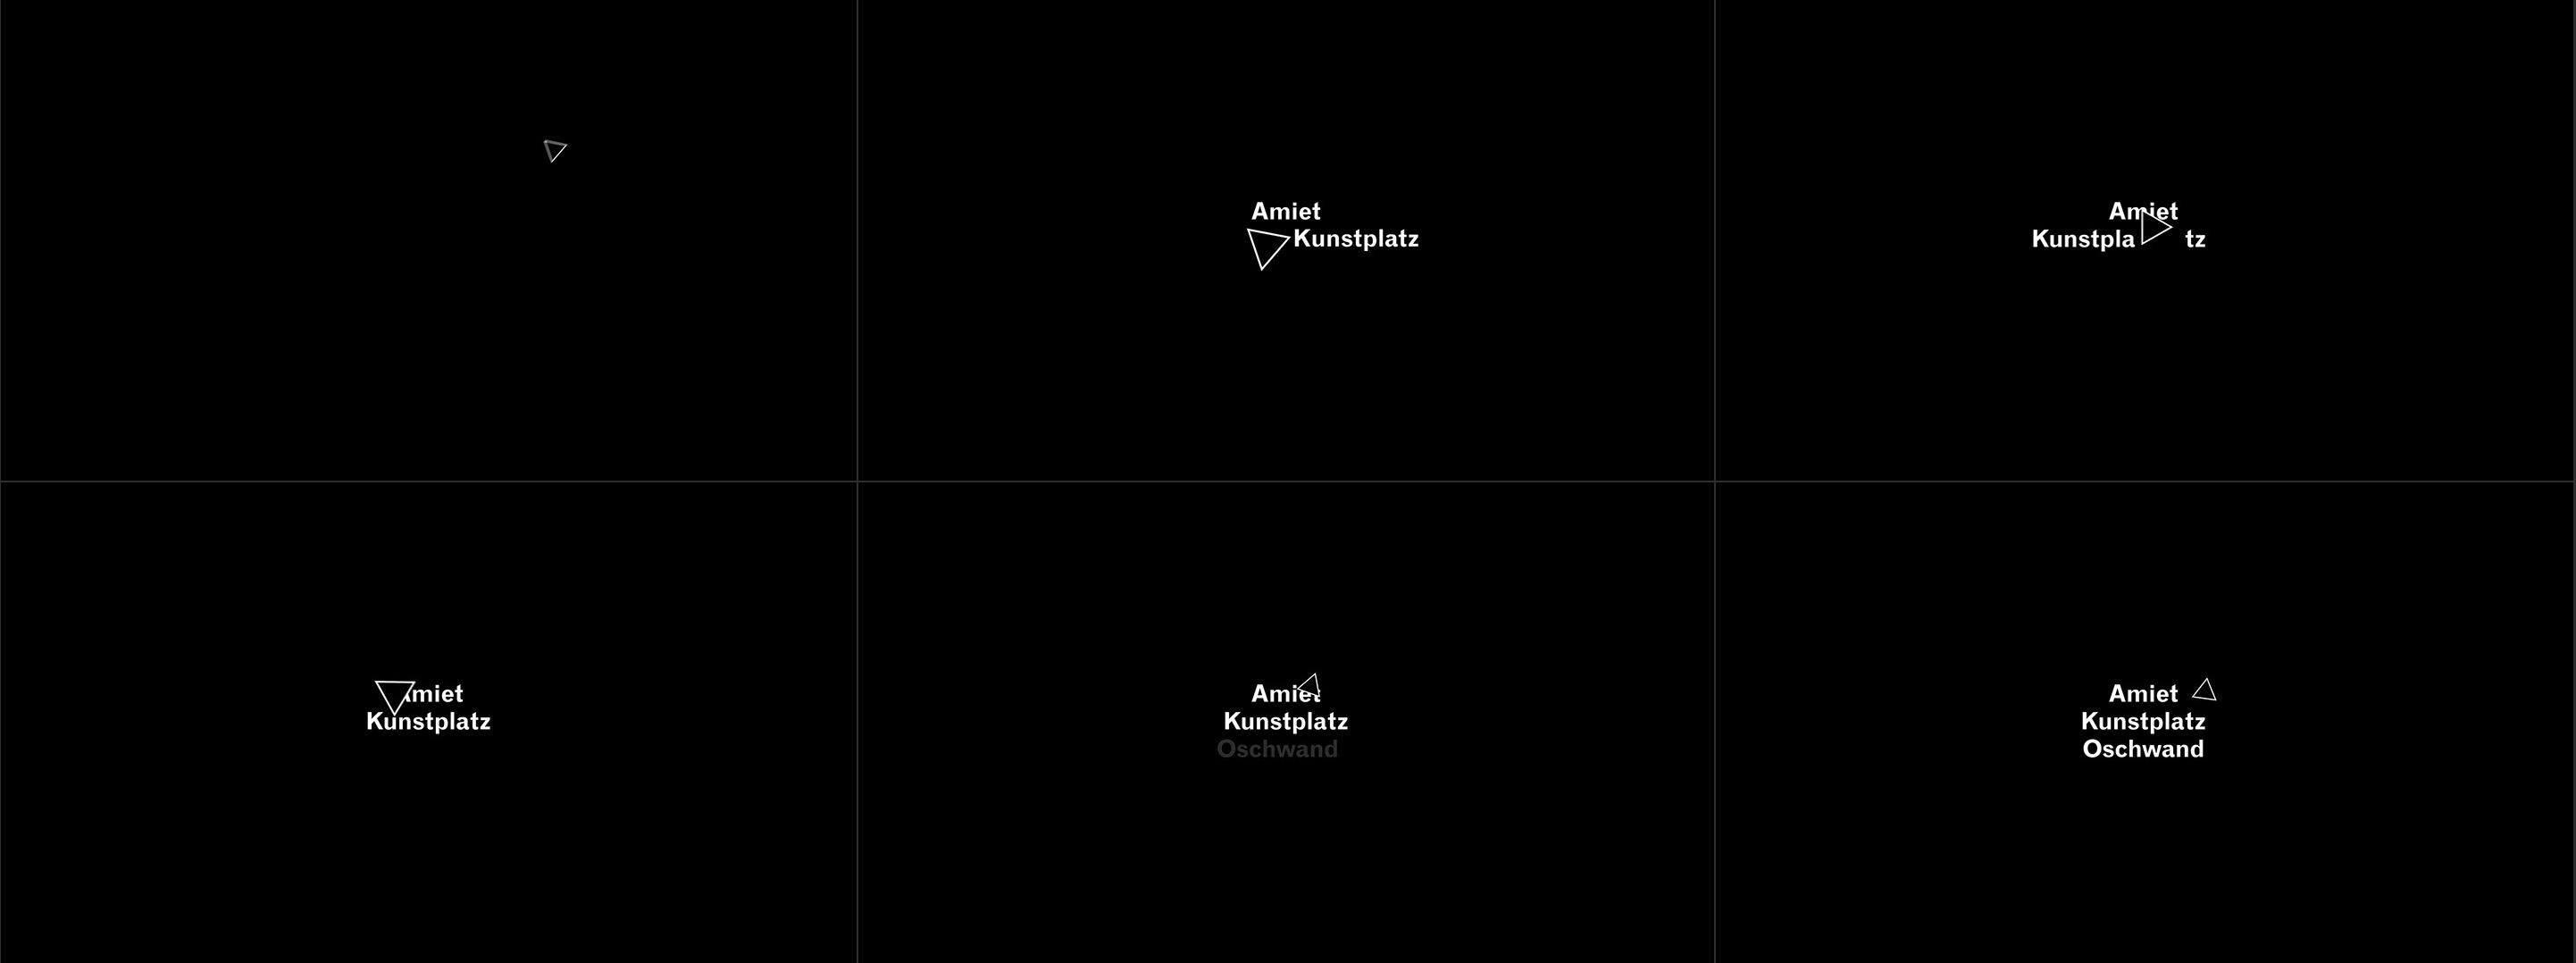 Amiet Kunstplatz, Moving Brand, Motion Design, Animation, Sound Design, Michael Frei, Zurich